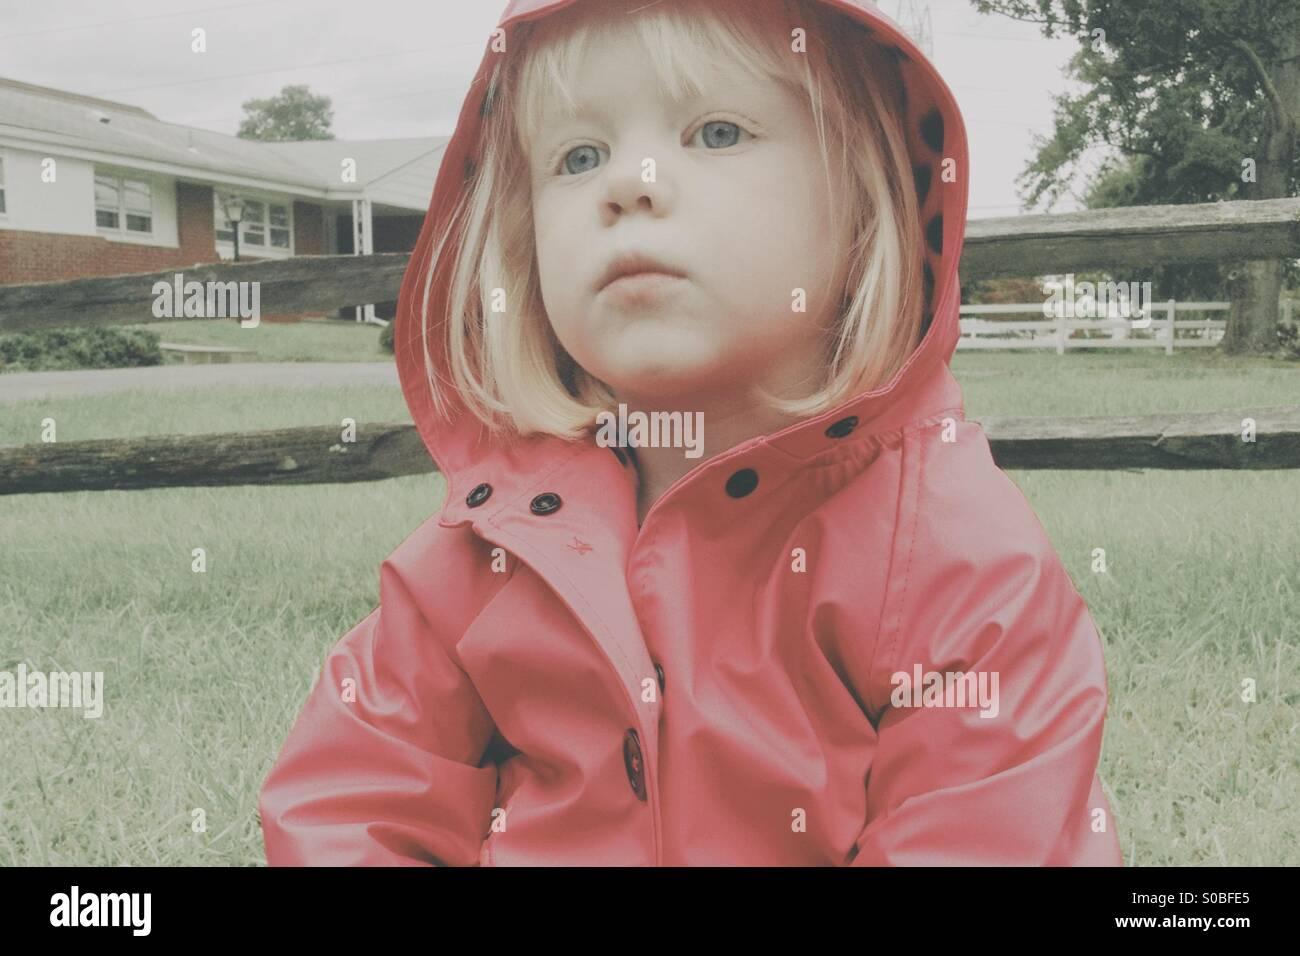 Joven rubia vestida de rosa una capa de lluvia, sentados en el suelo. Imagen De Stock